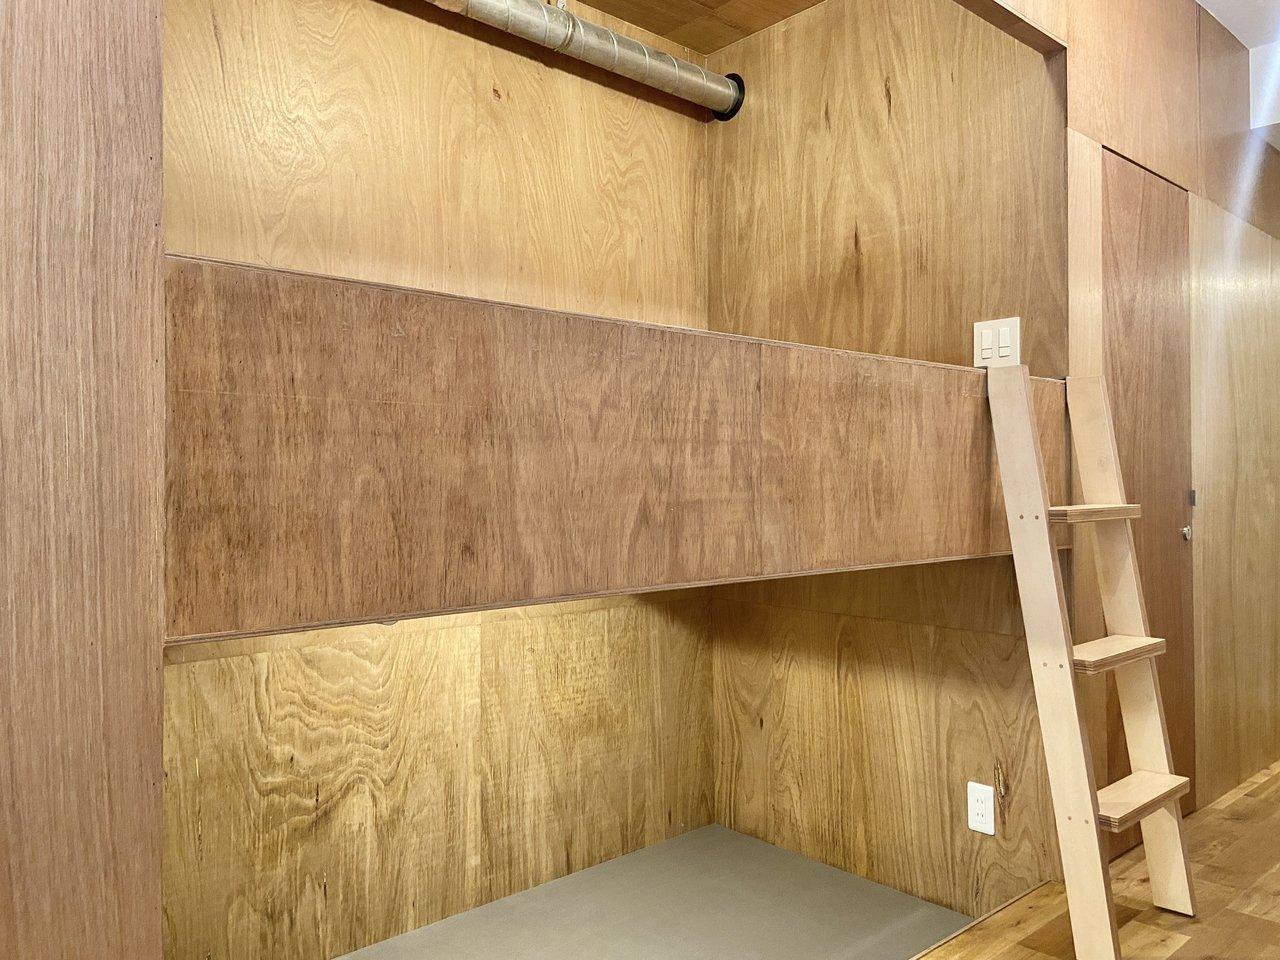 剥き出しの配管が秘密基地のようで心をくすぐられます。上はシングルサイズのマットレスを用意してベッド、下は収納として使えますよ。コンセントがあるのでスマホを充電しながら横になれますね。